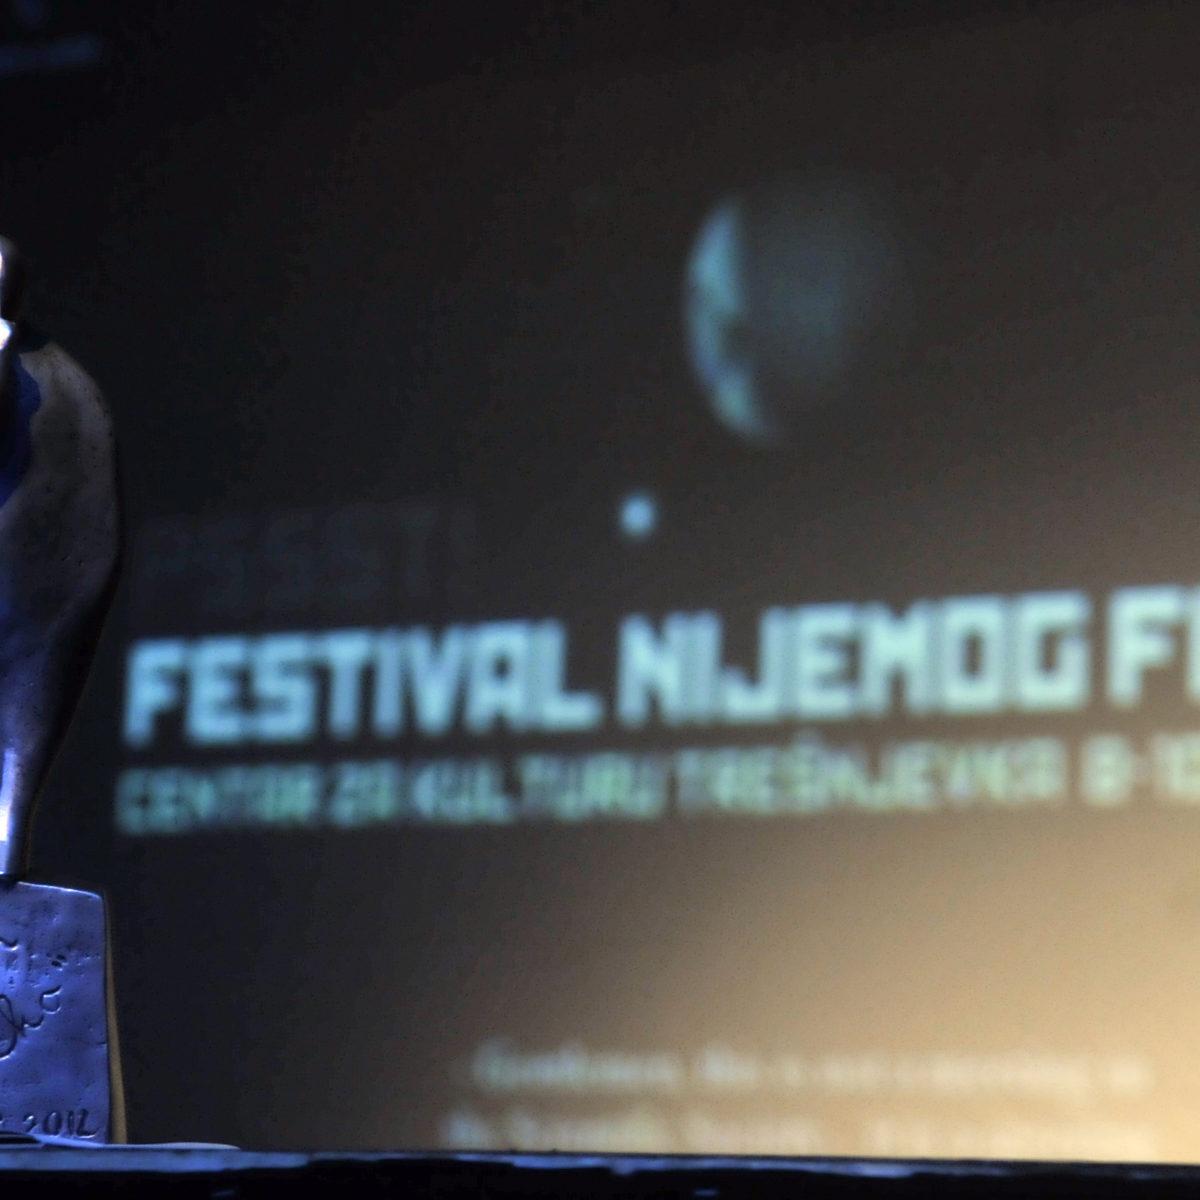 Odabrani filmovi za natjecateljski program 7. PSSST!-a Festivala nijemog filma